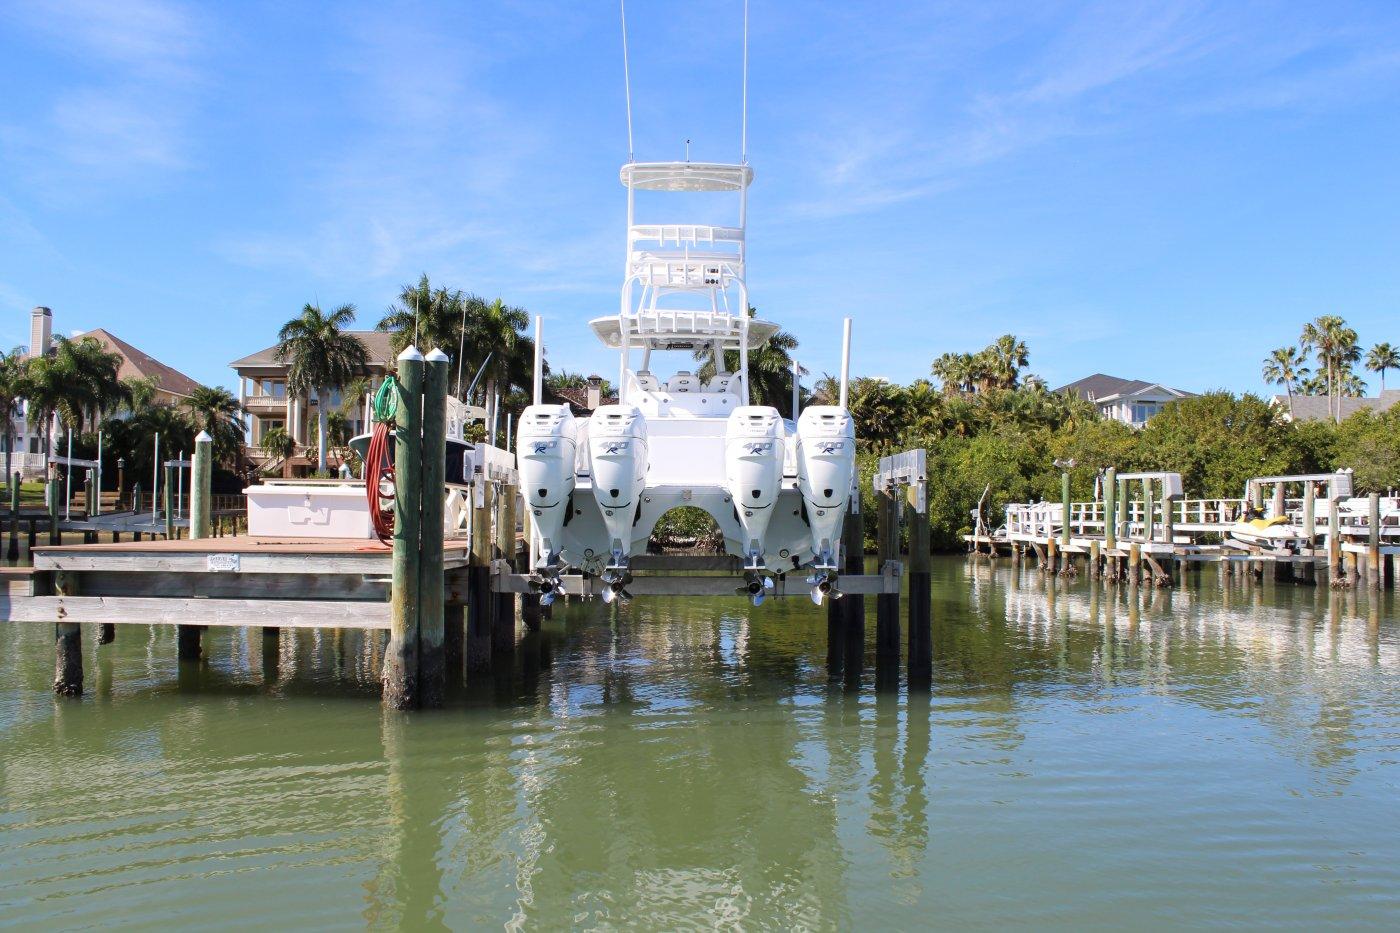 8-pole 25,000 lb Concept CRS Lift 8-Piling